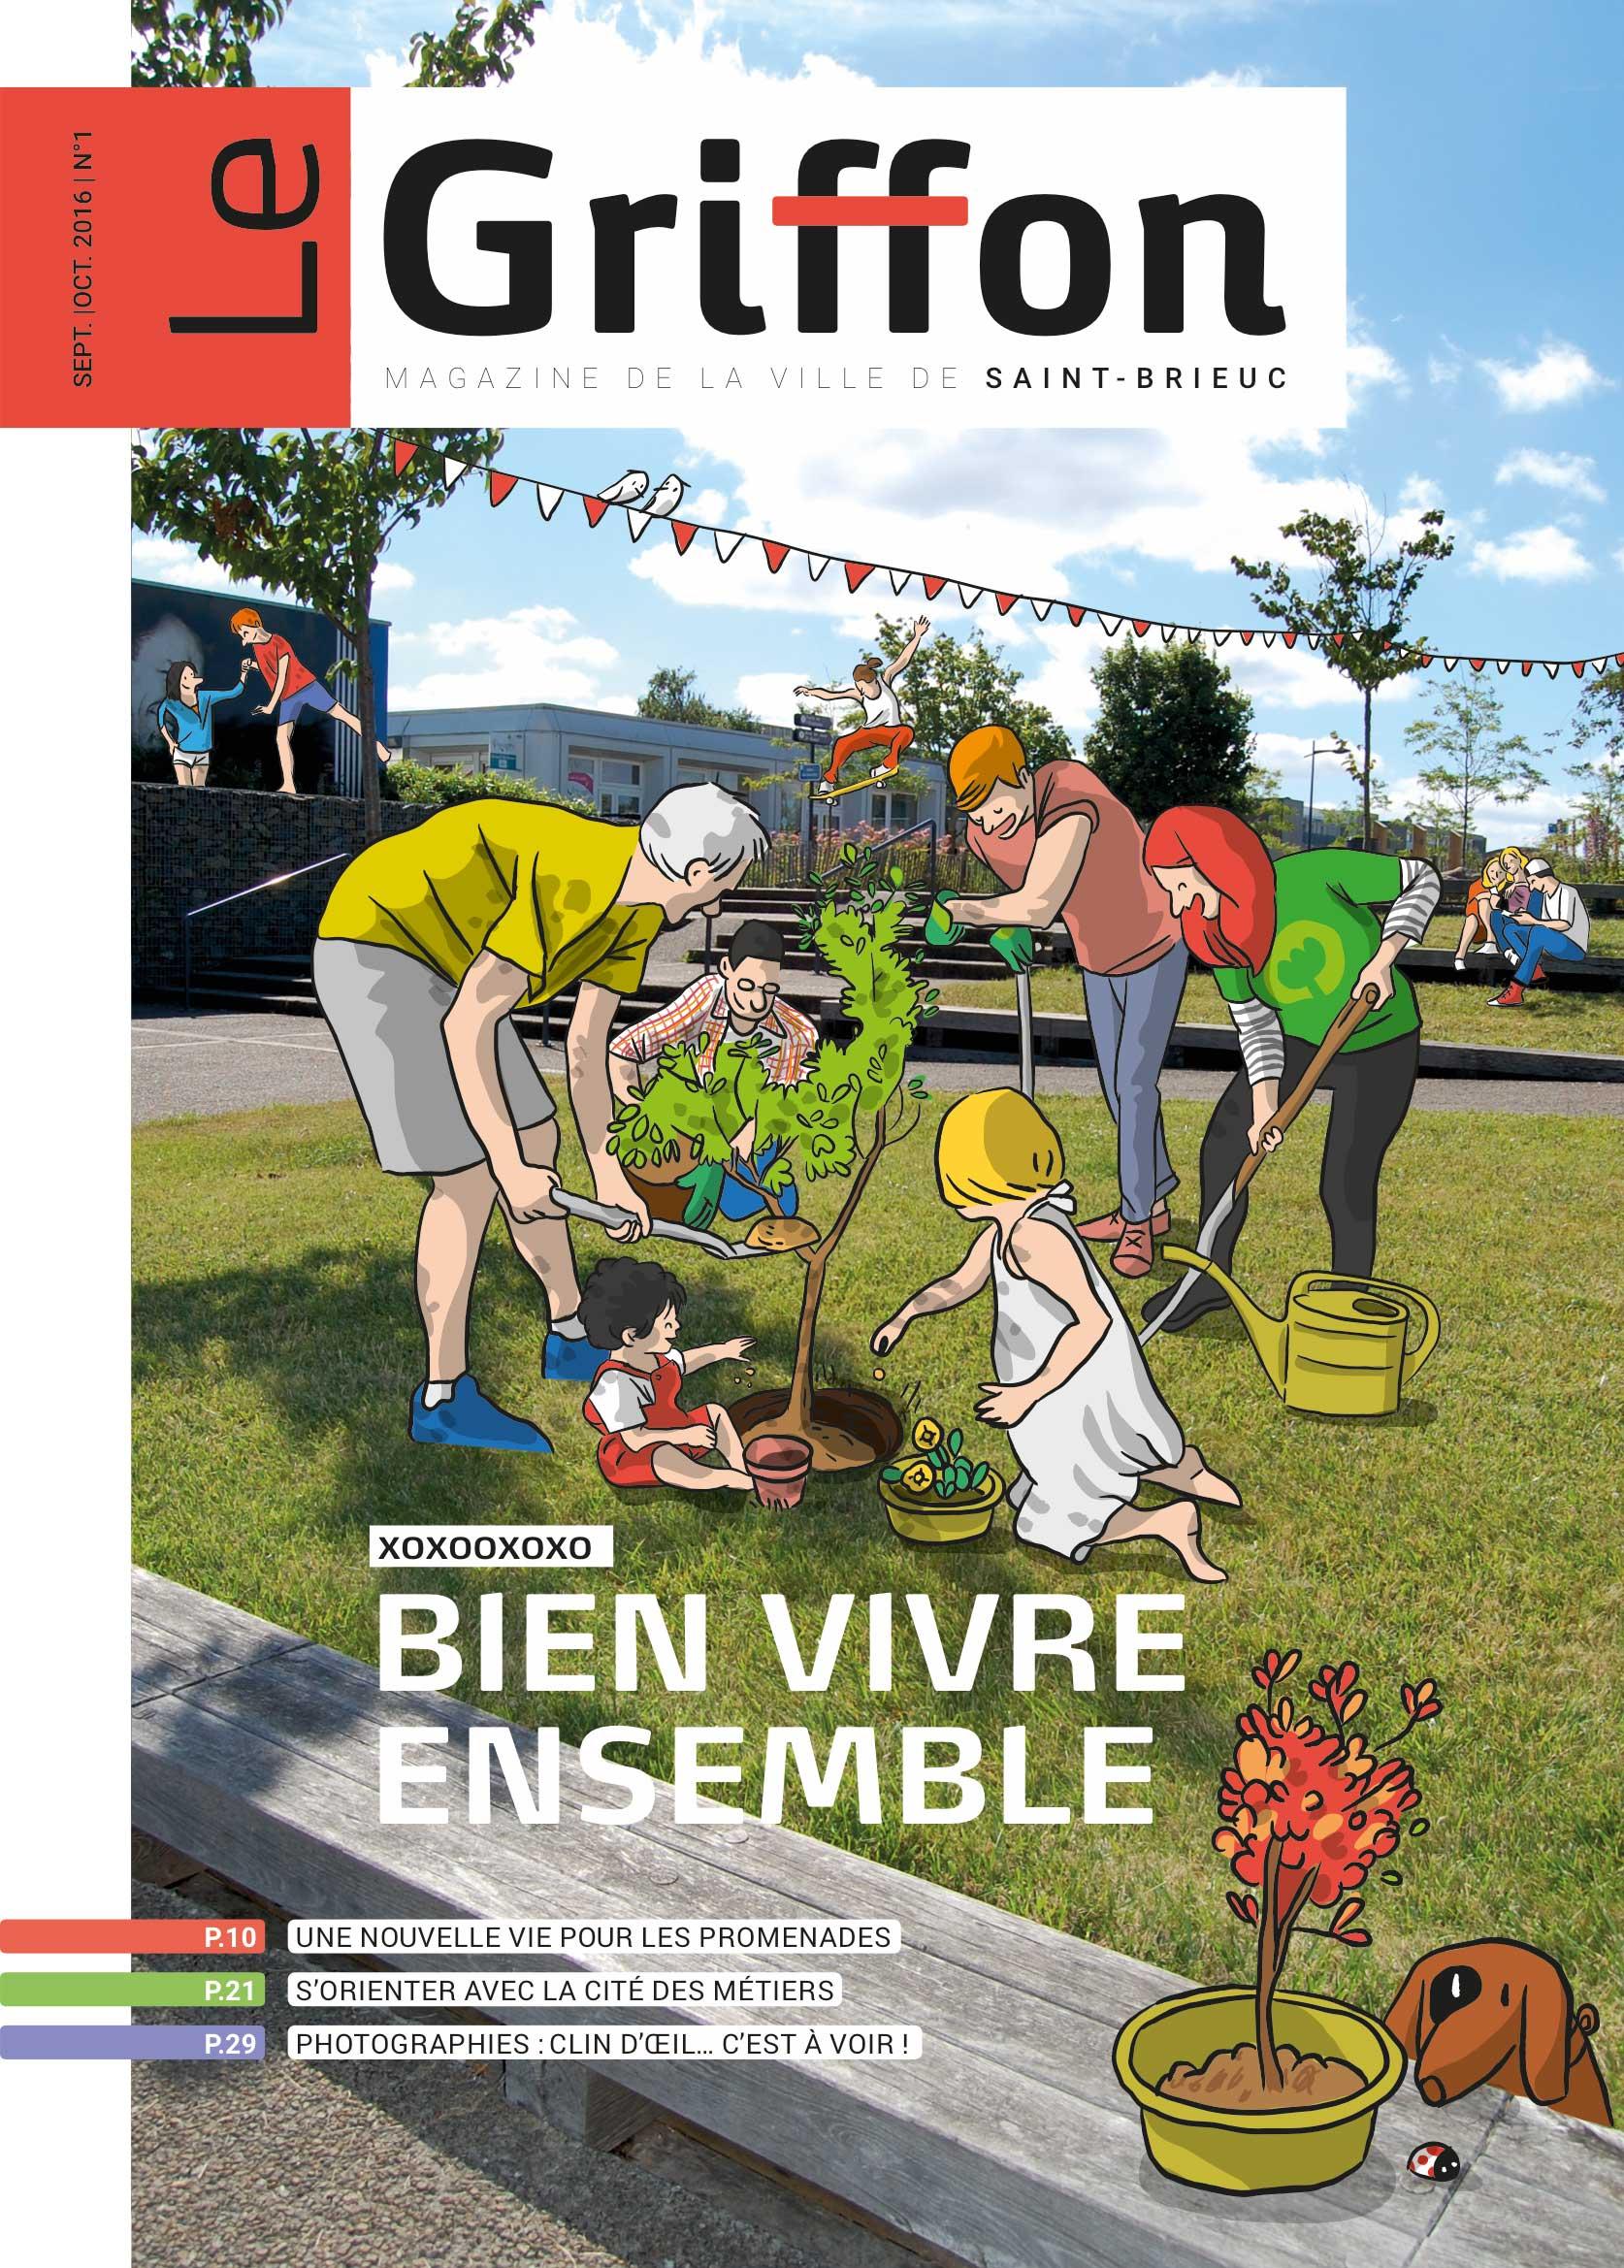 Ville de Saint-Brieuc Magazine Le Griffon — illustration de la une